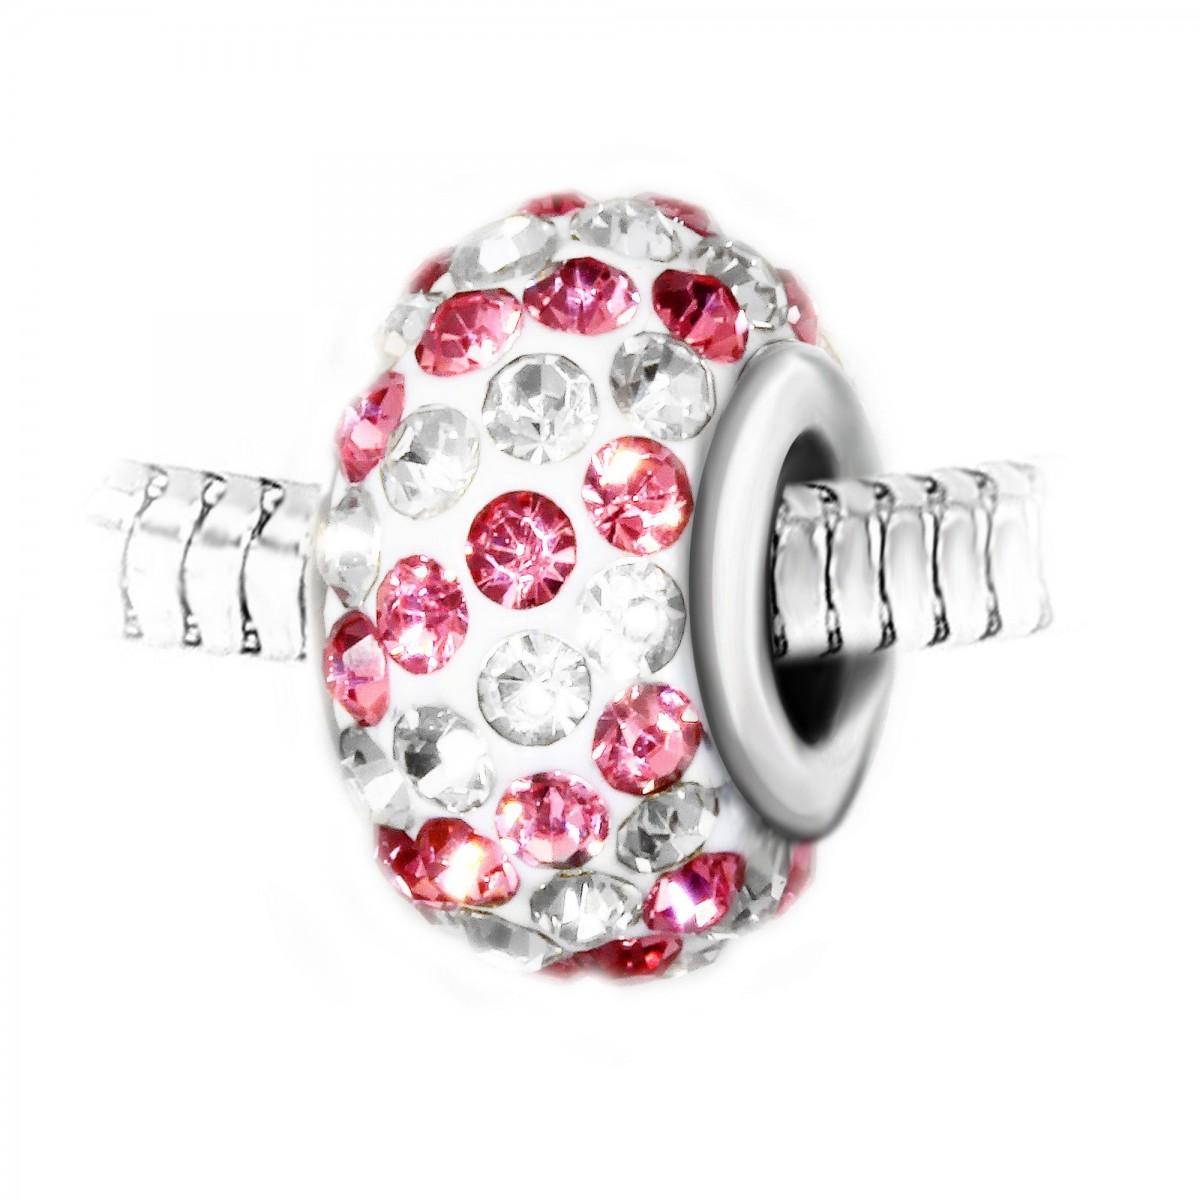 Charm perle pavé de cristaux roses et blancs et acier par So Charm